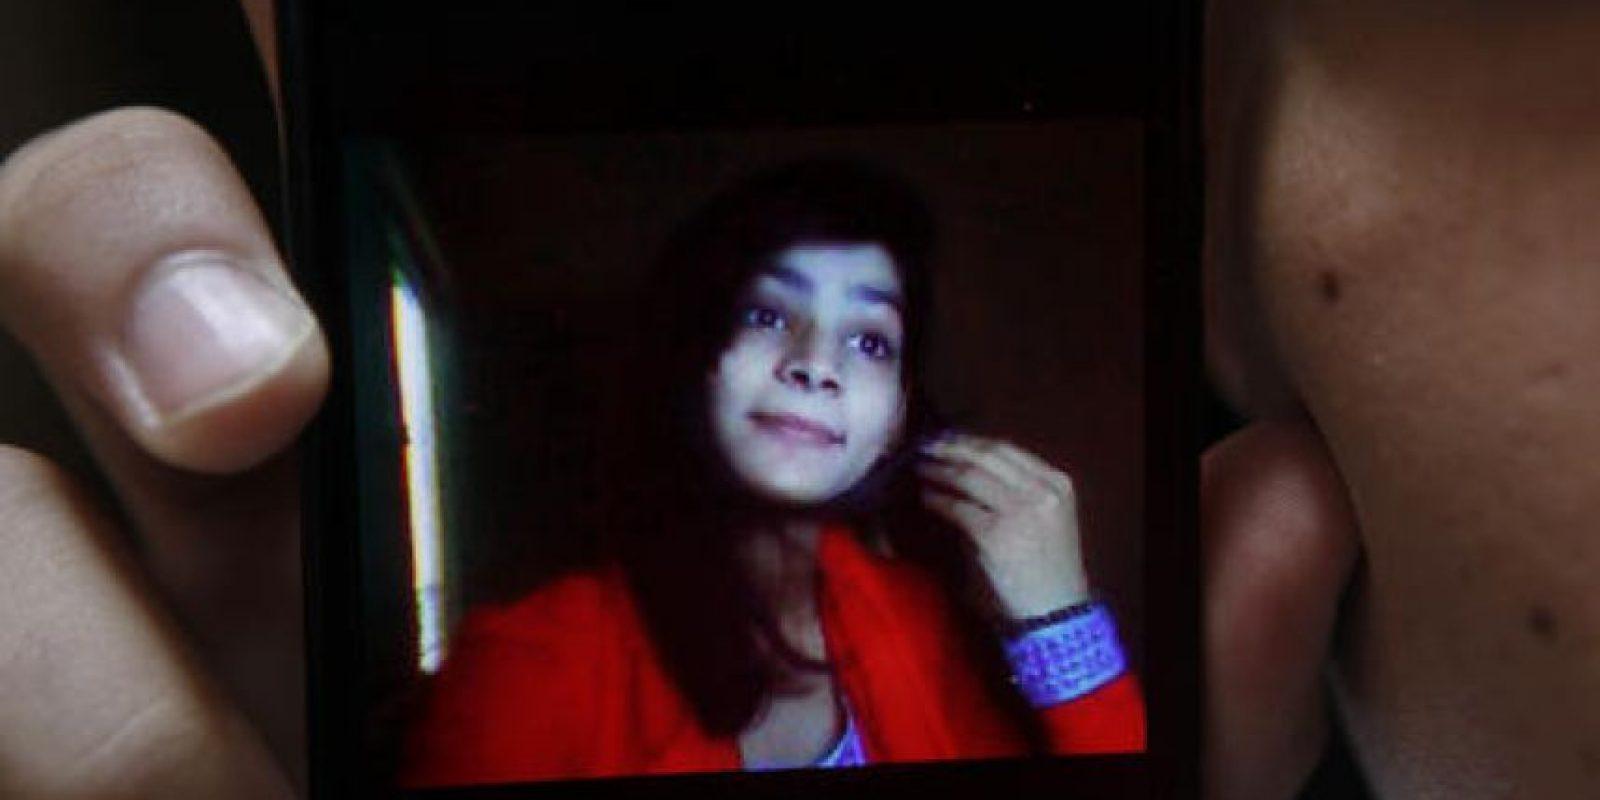 El paquistaní Hassan Khan, muestra en su celular la foto de su esposa Zeenat Rafiq, quien fue quemada viva y asesinada por su madre. Foto:AP/ Archivo